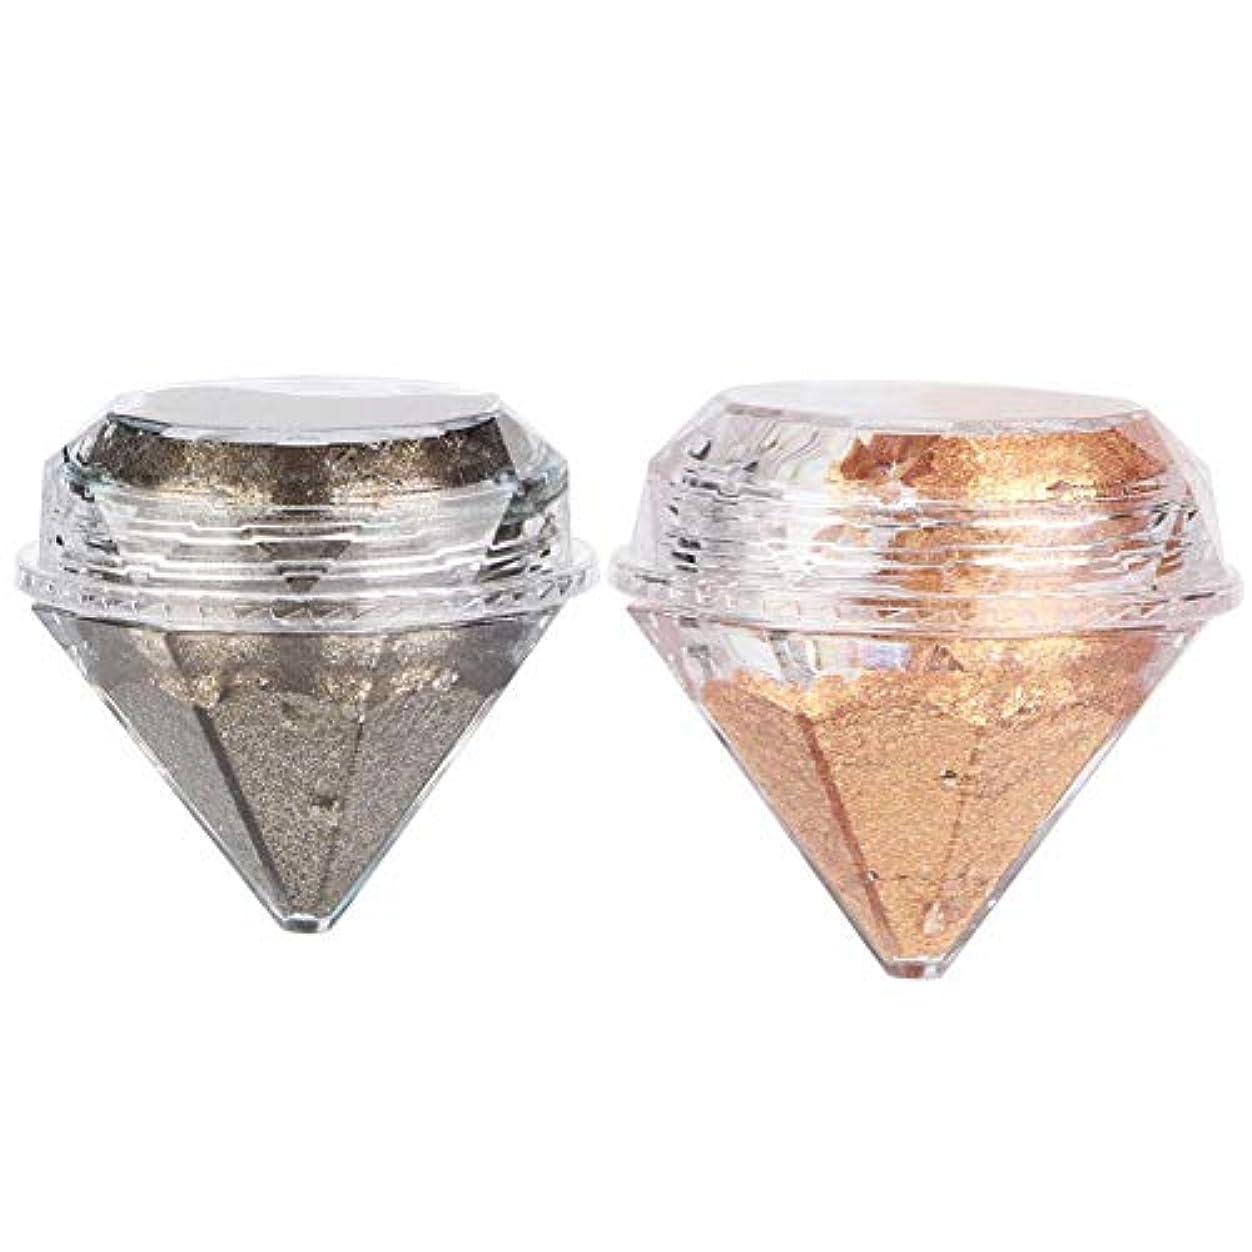 常習的素人ハリケーンアイシャドウクリームパールシャイニングダイヤモンドリキッドアイシャドーメイクアップツール(01)